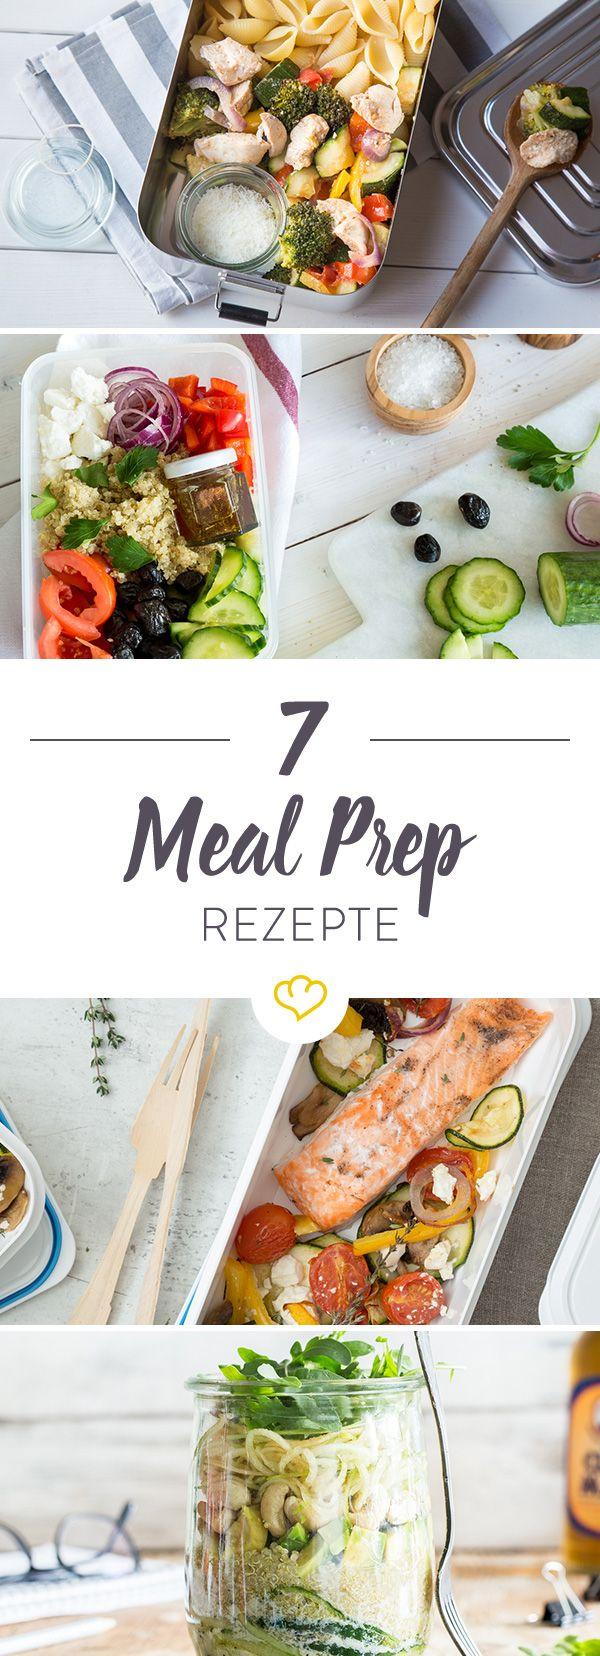 25 Meal-Prep-Rezepte: Gesund und lecker durch den Tag